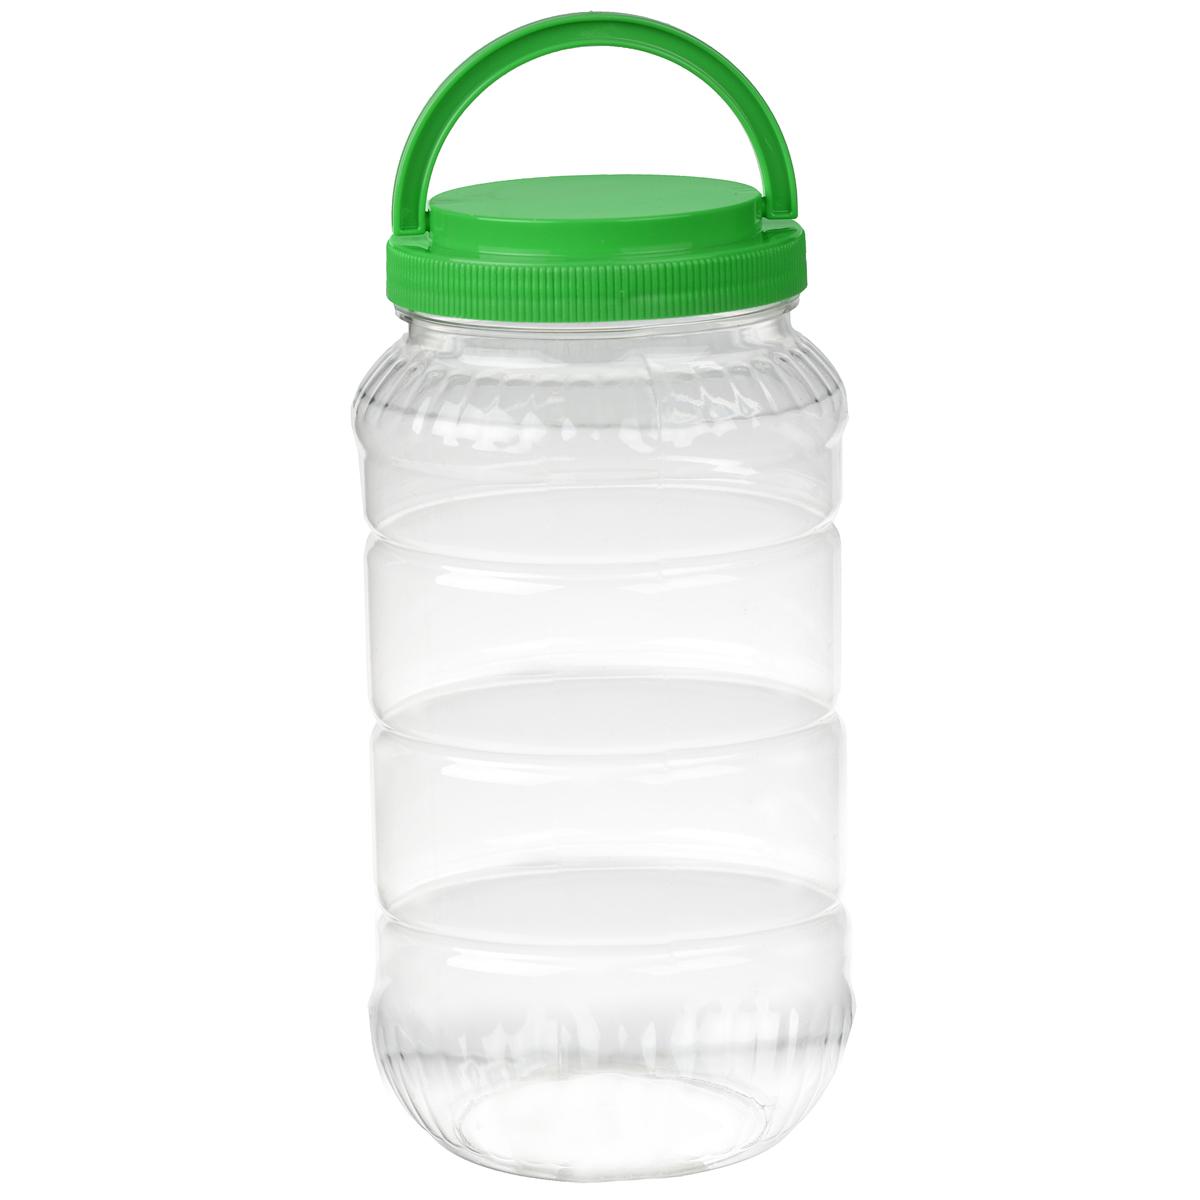 Емкость Альтернатива, с ручкой, цвет: зеленый, 3 лM957Емкость Альтернатива предназначена для хранения сыпучих продуктов или жидкостей. Выполнена из высококачественного пластика. Оснащена ручкой для удобной переноски. Диаметр: 10,5 см. Высота (без учета крышки): 25 см.